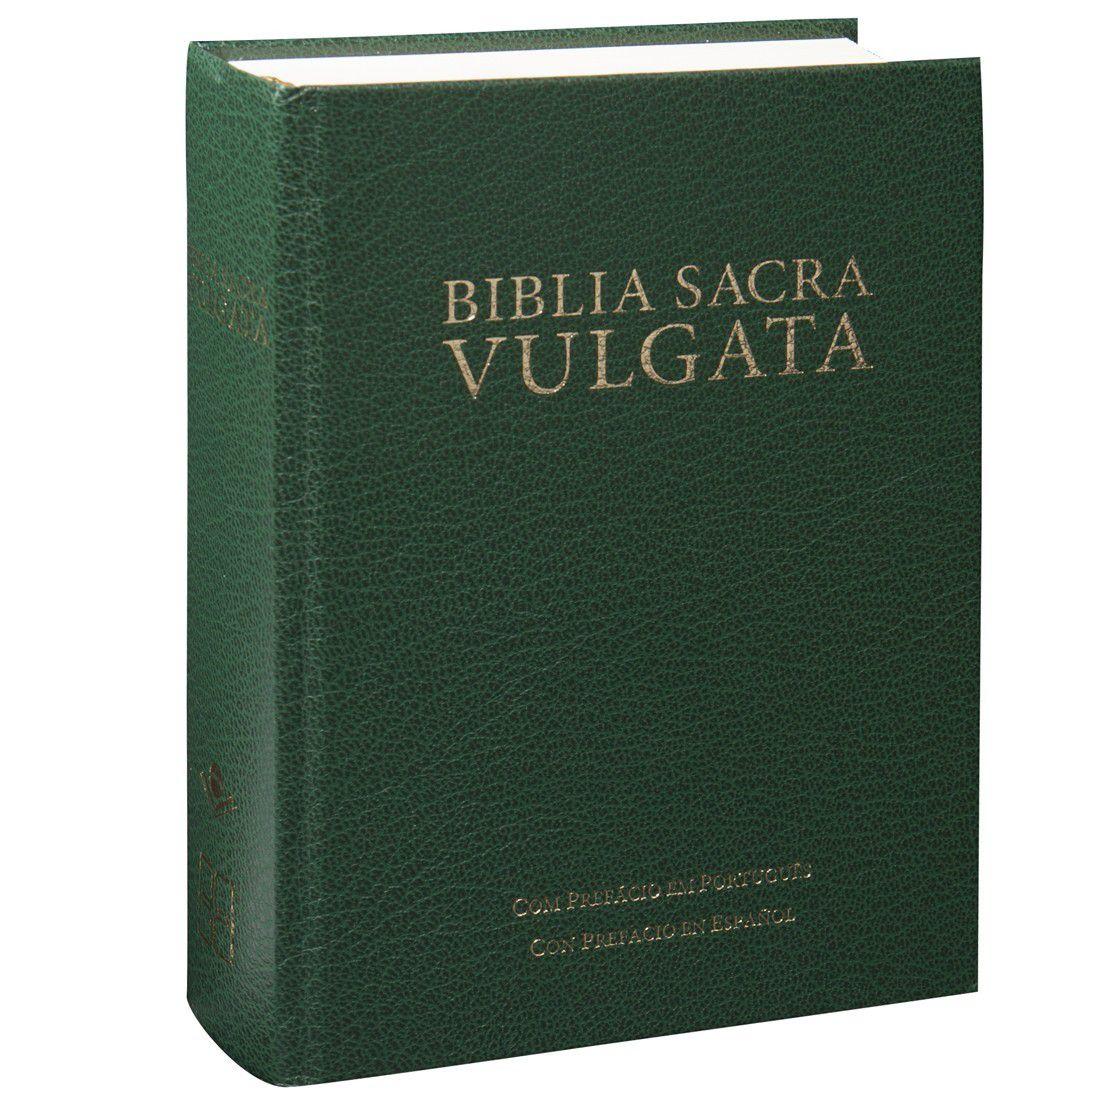 Bíblia Sacra Vulgata